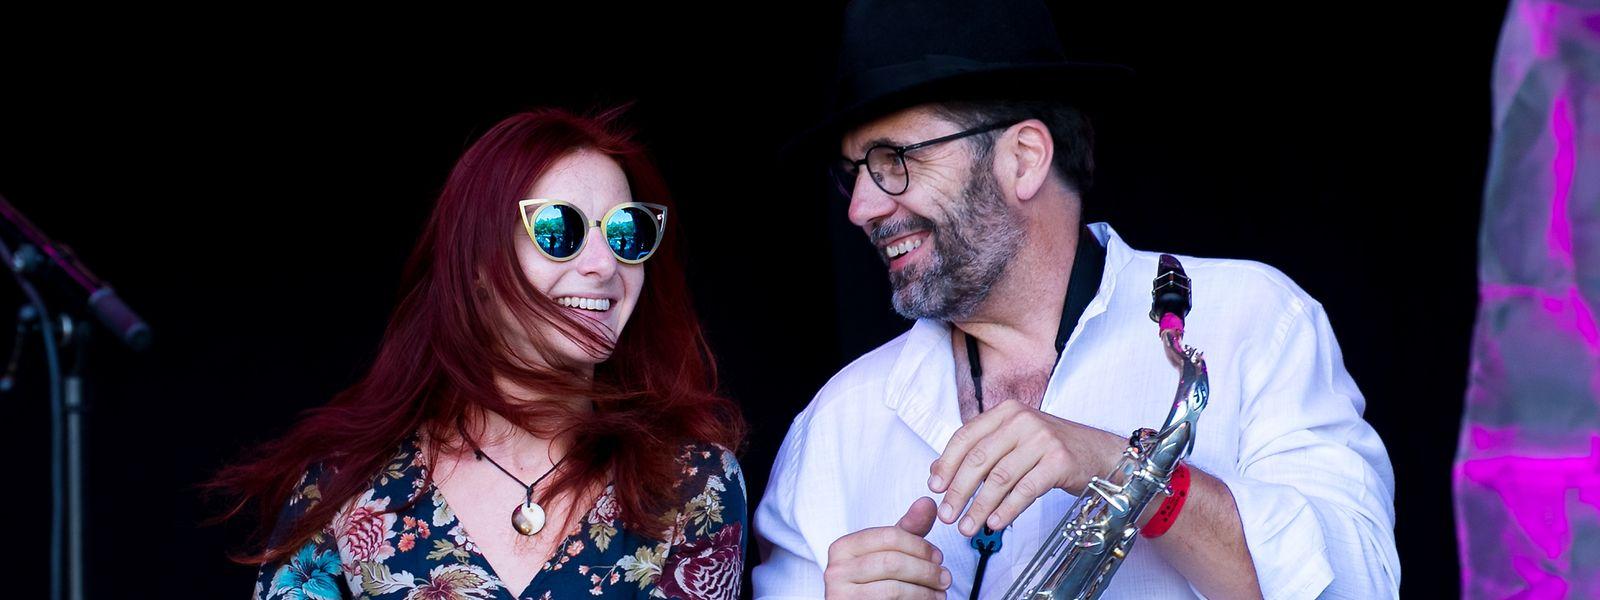 Rock um Knuedler mit der Band Marc Welters Joint Bunch auf der Lion Stage - Bühne.